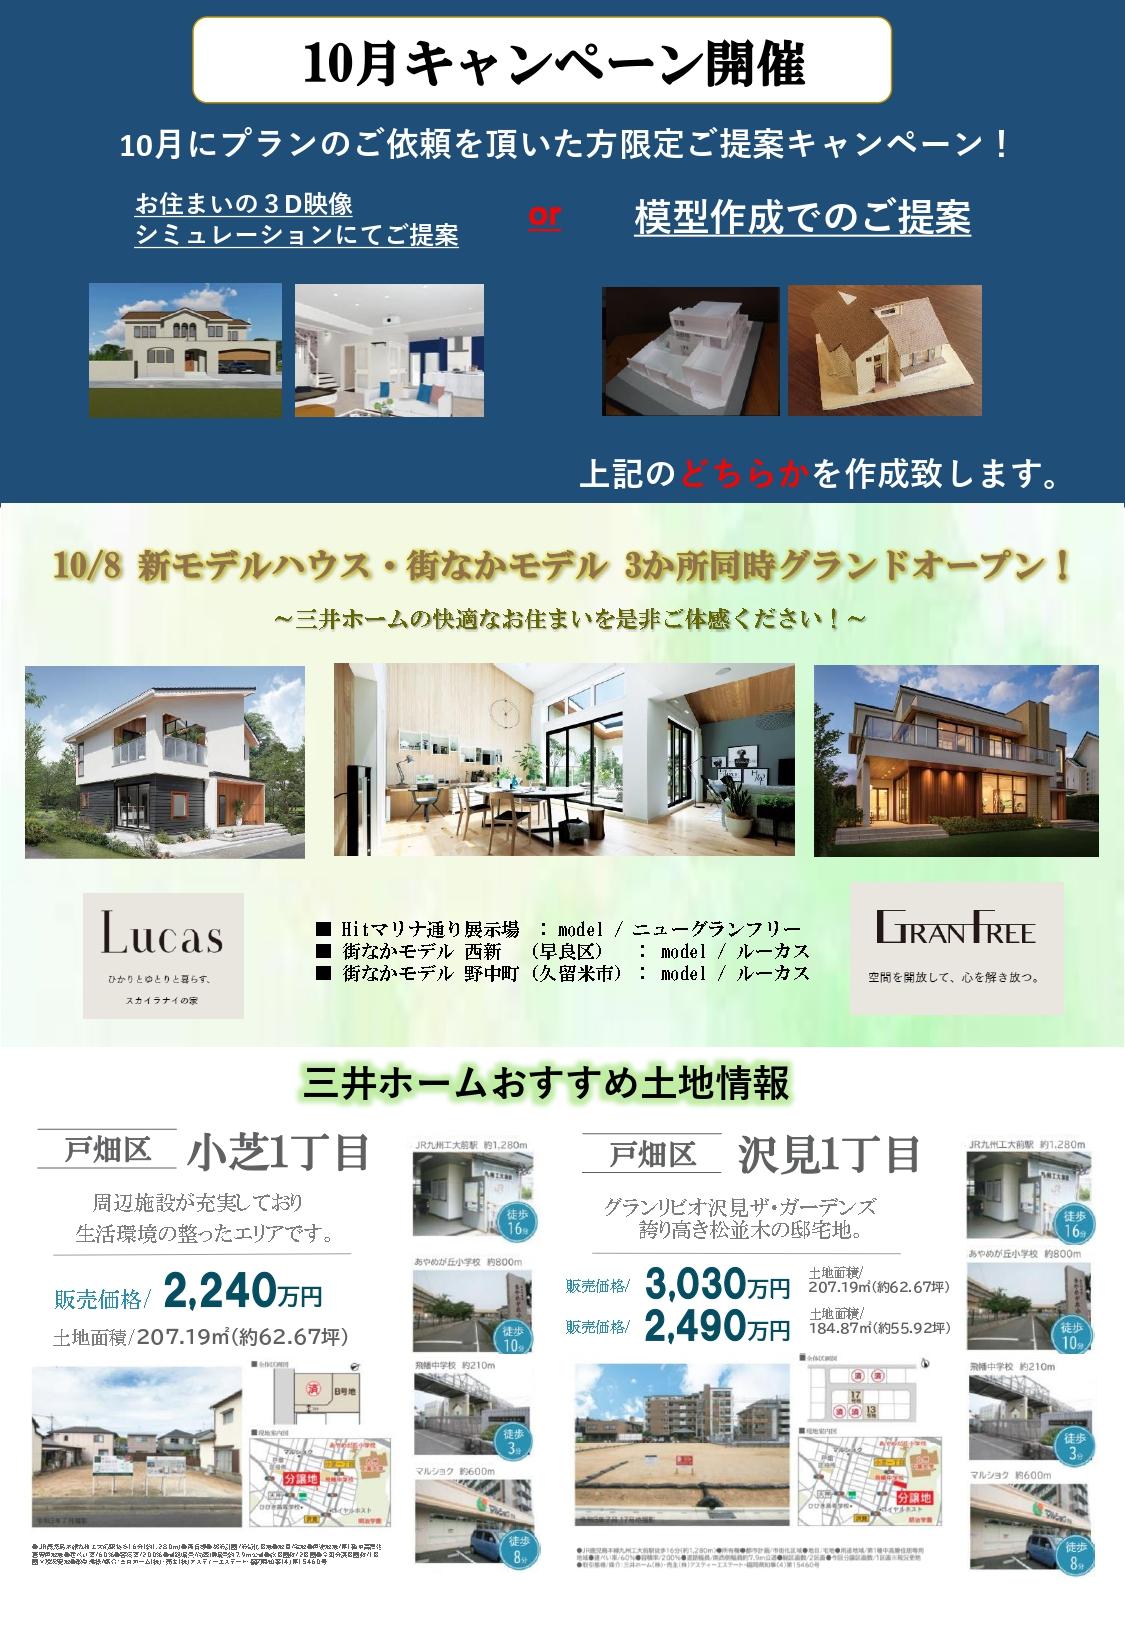 【三井ホーム】10月キャンペーン開催